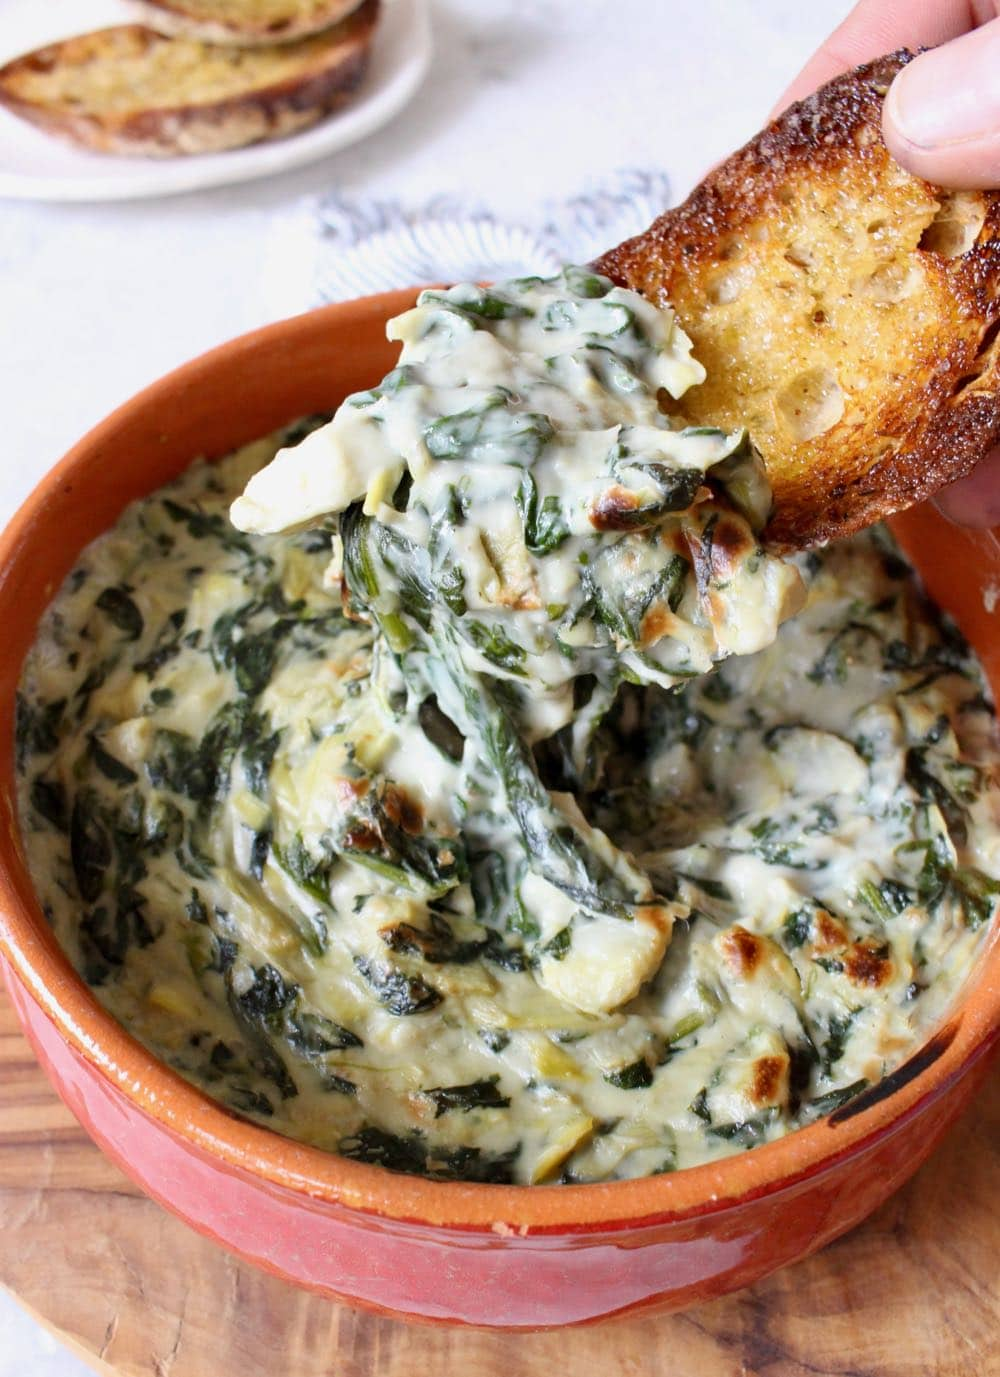 Best and easiest vegan spinach artichoke dip recipe with bruschetta